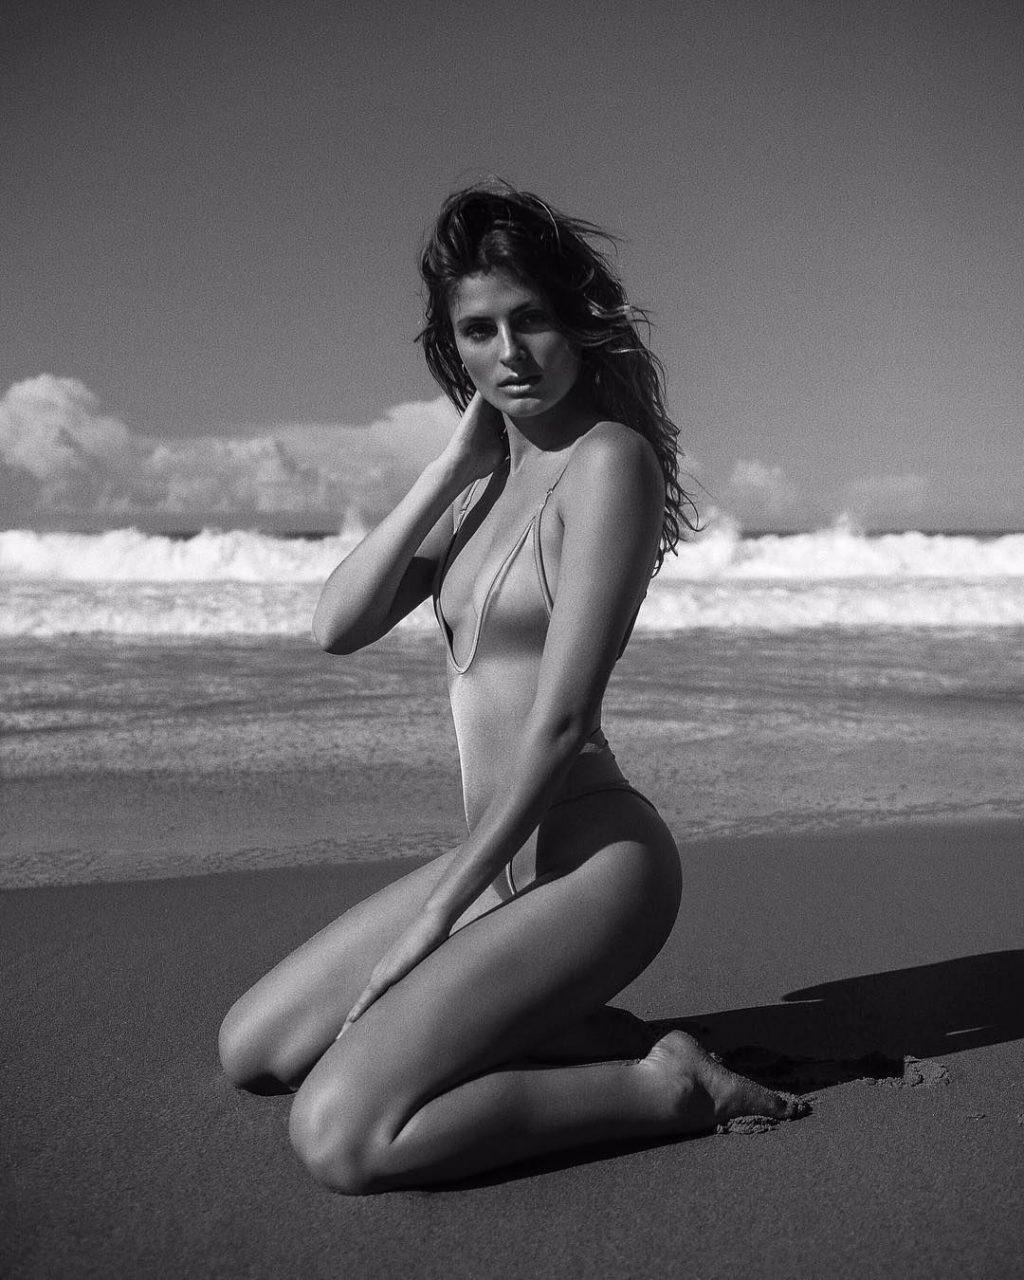 Sexy Dillon Duchesne nude photos 2019